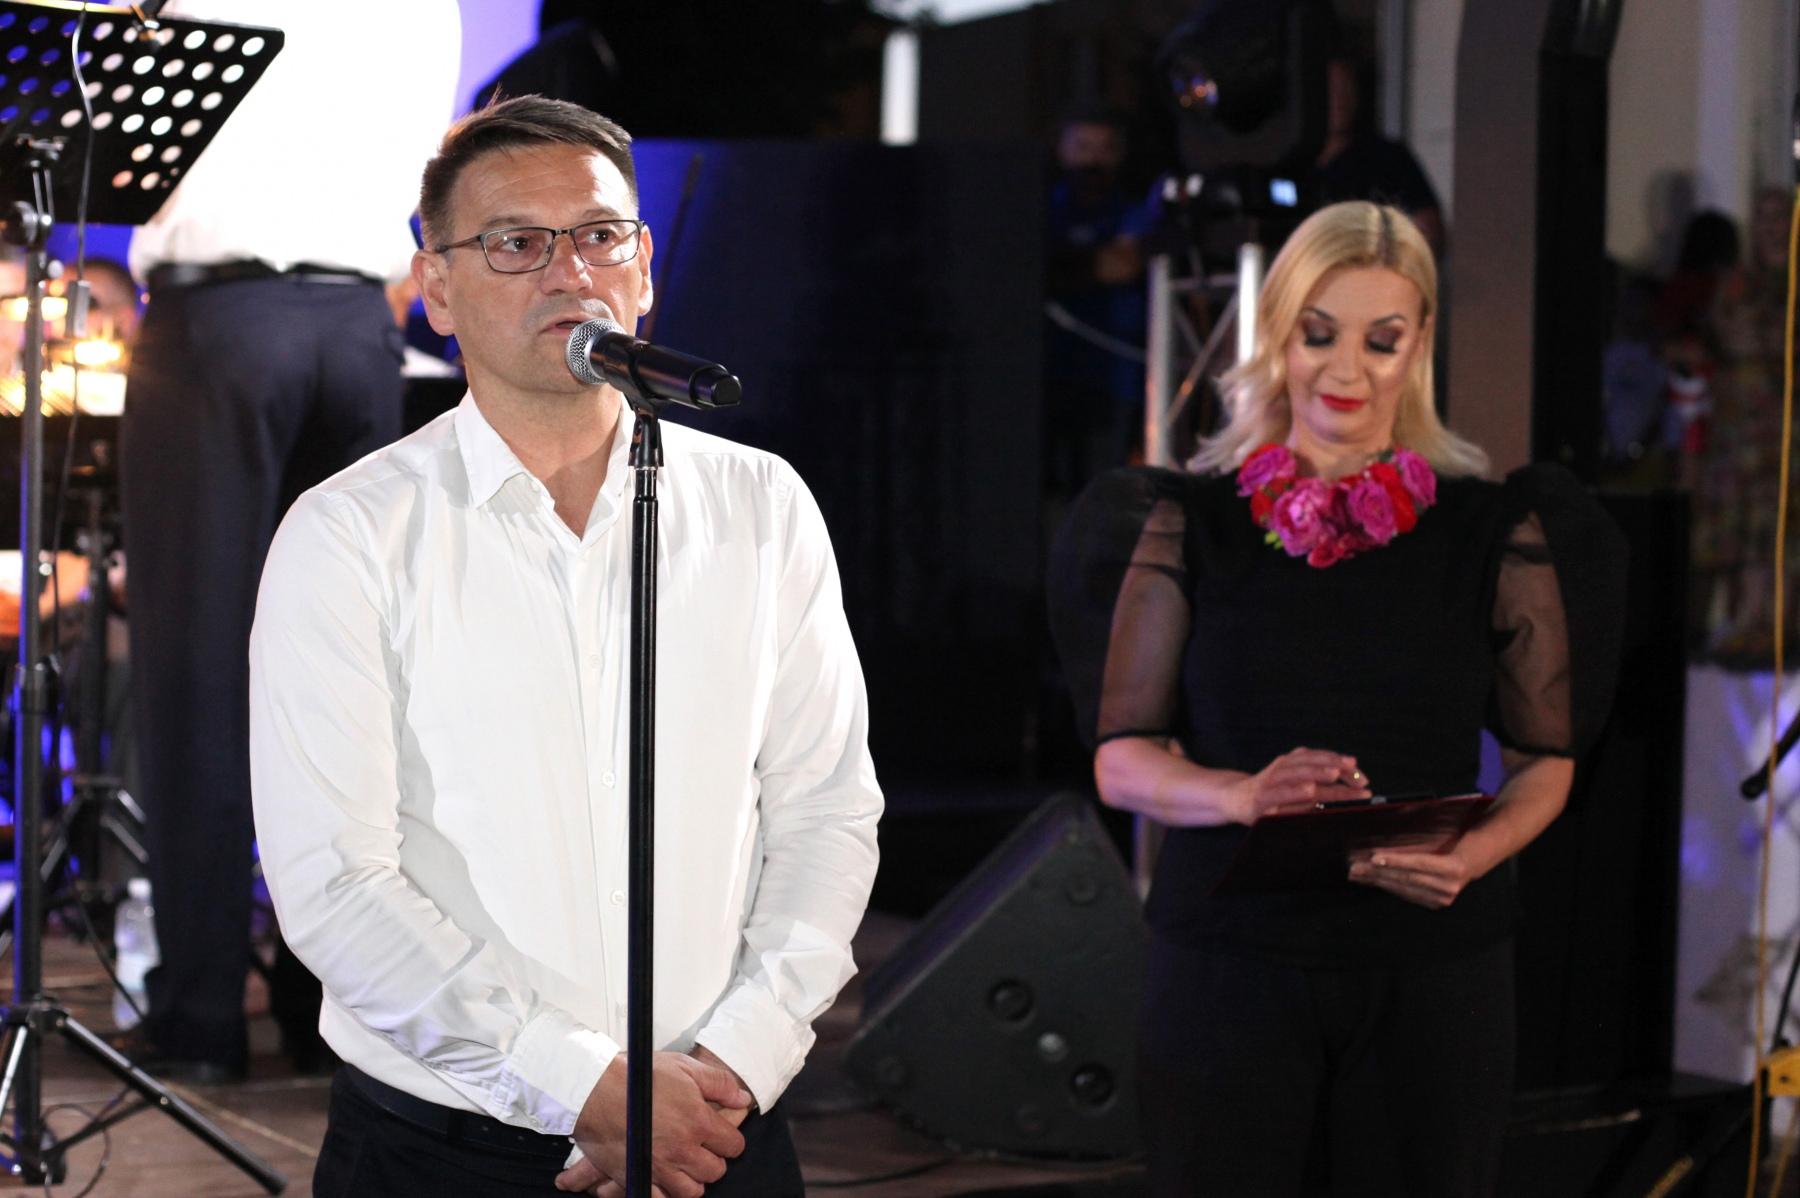 Manifestaciju je službeno proglasio otvorenom gradonačelnik Dalibor Ninčević